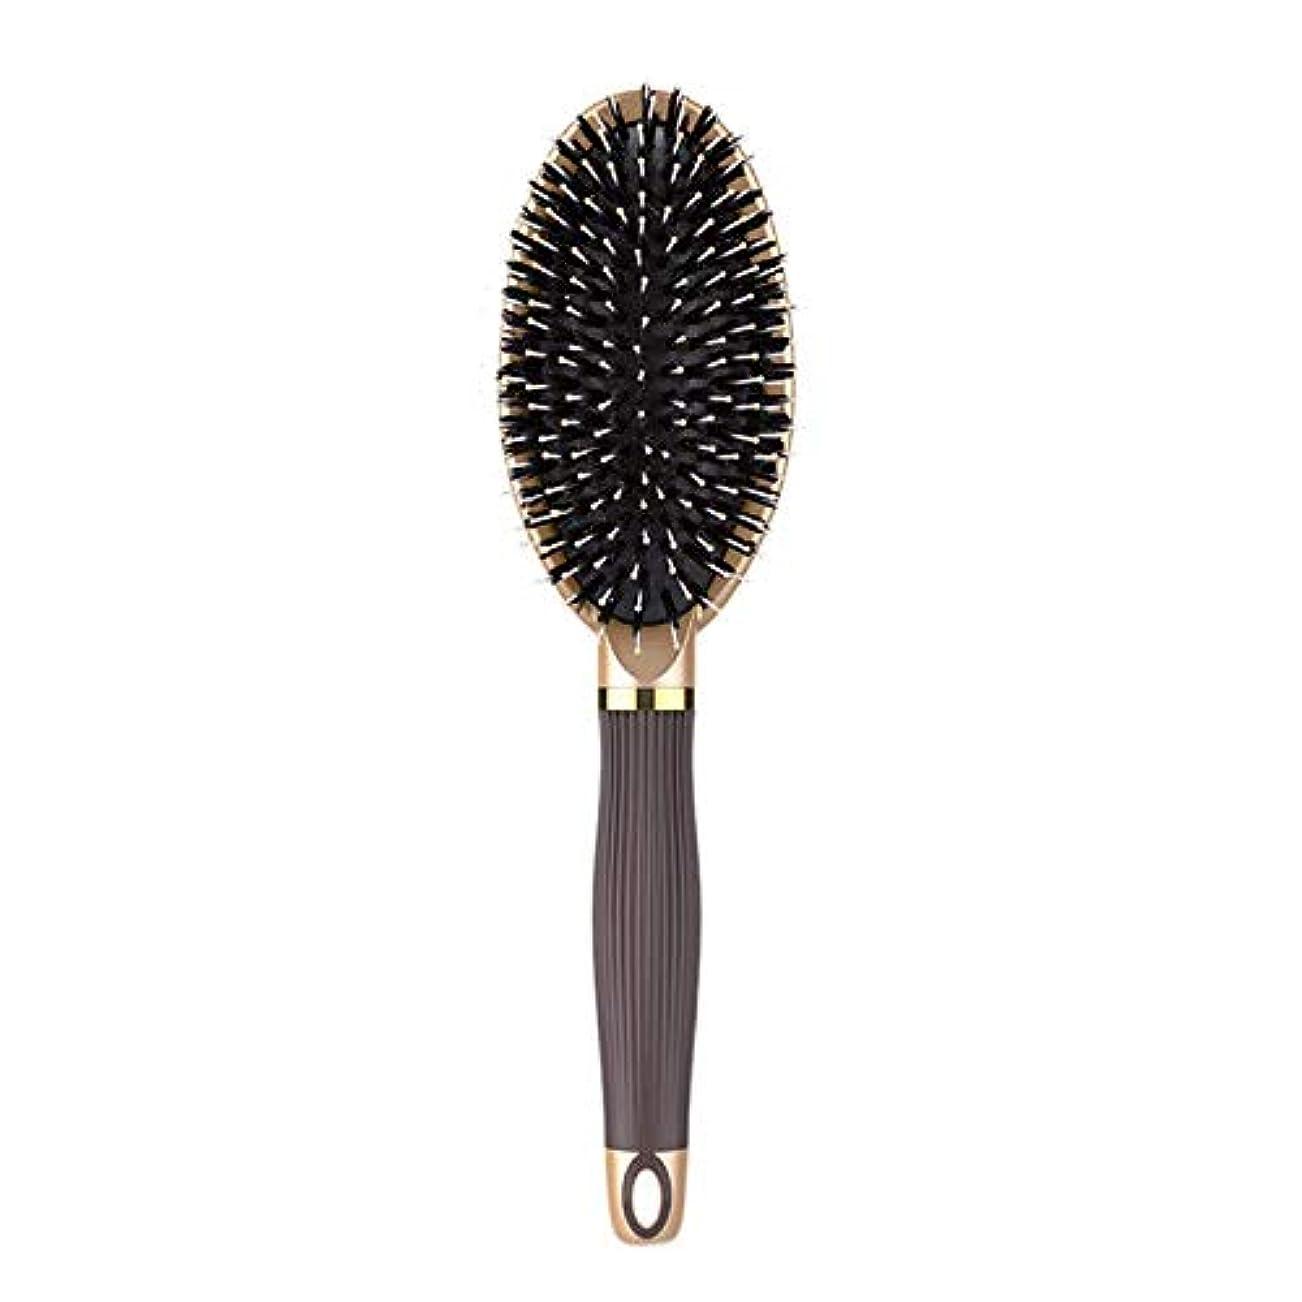 他の場所富イルCUHAWUDBA ヘアブラシイノシシ剛毛ヘアブラシと濡れた髪または乾いた髪に最適な作品髪を矯正して滑らかにするためにデザイン 女性&男性用